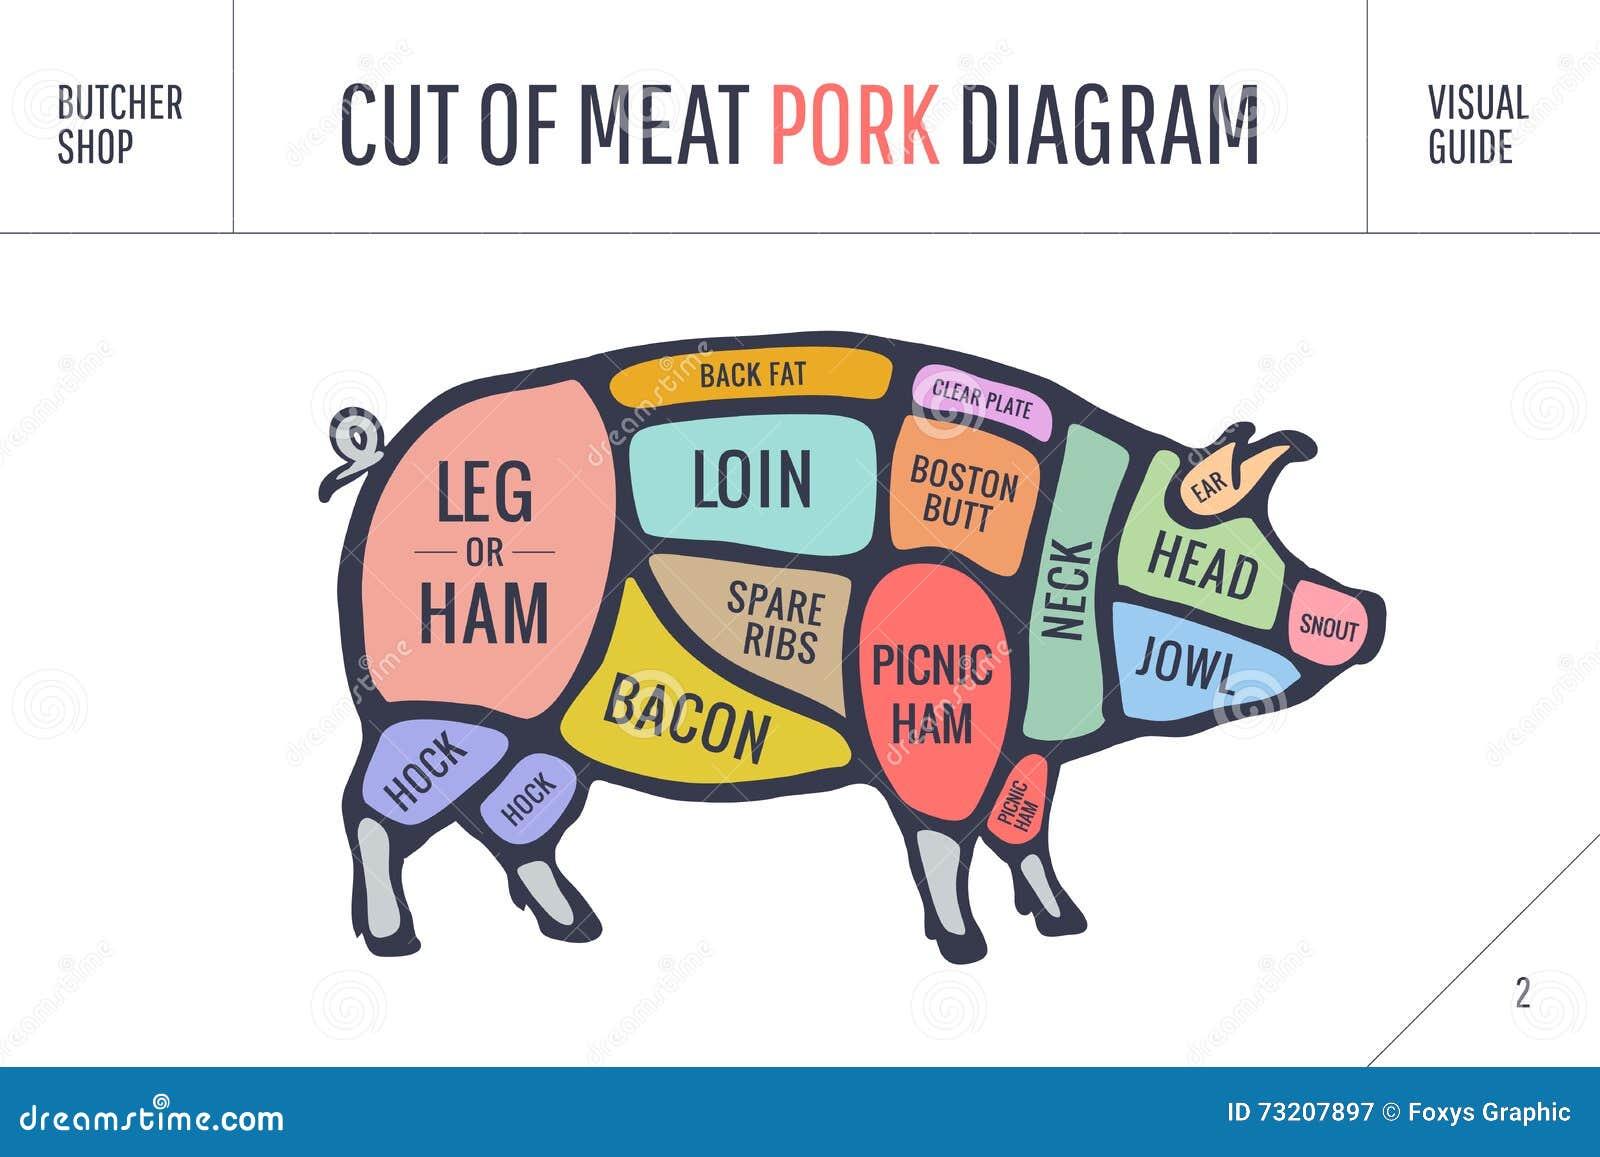 cut of meat set poster butcher diagram scheme and guide pork rh dreamstime com Pork Cuts Chart Pork Cuts Chart